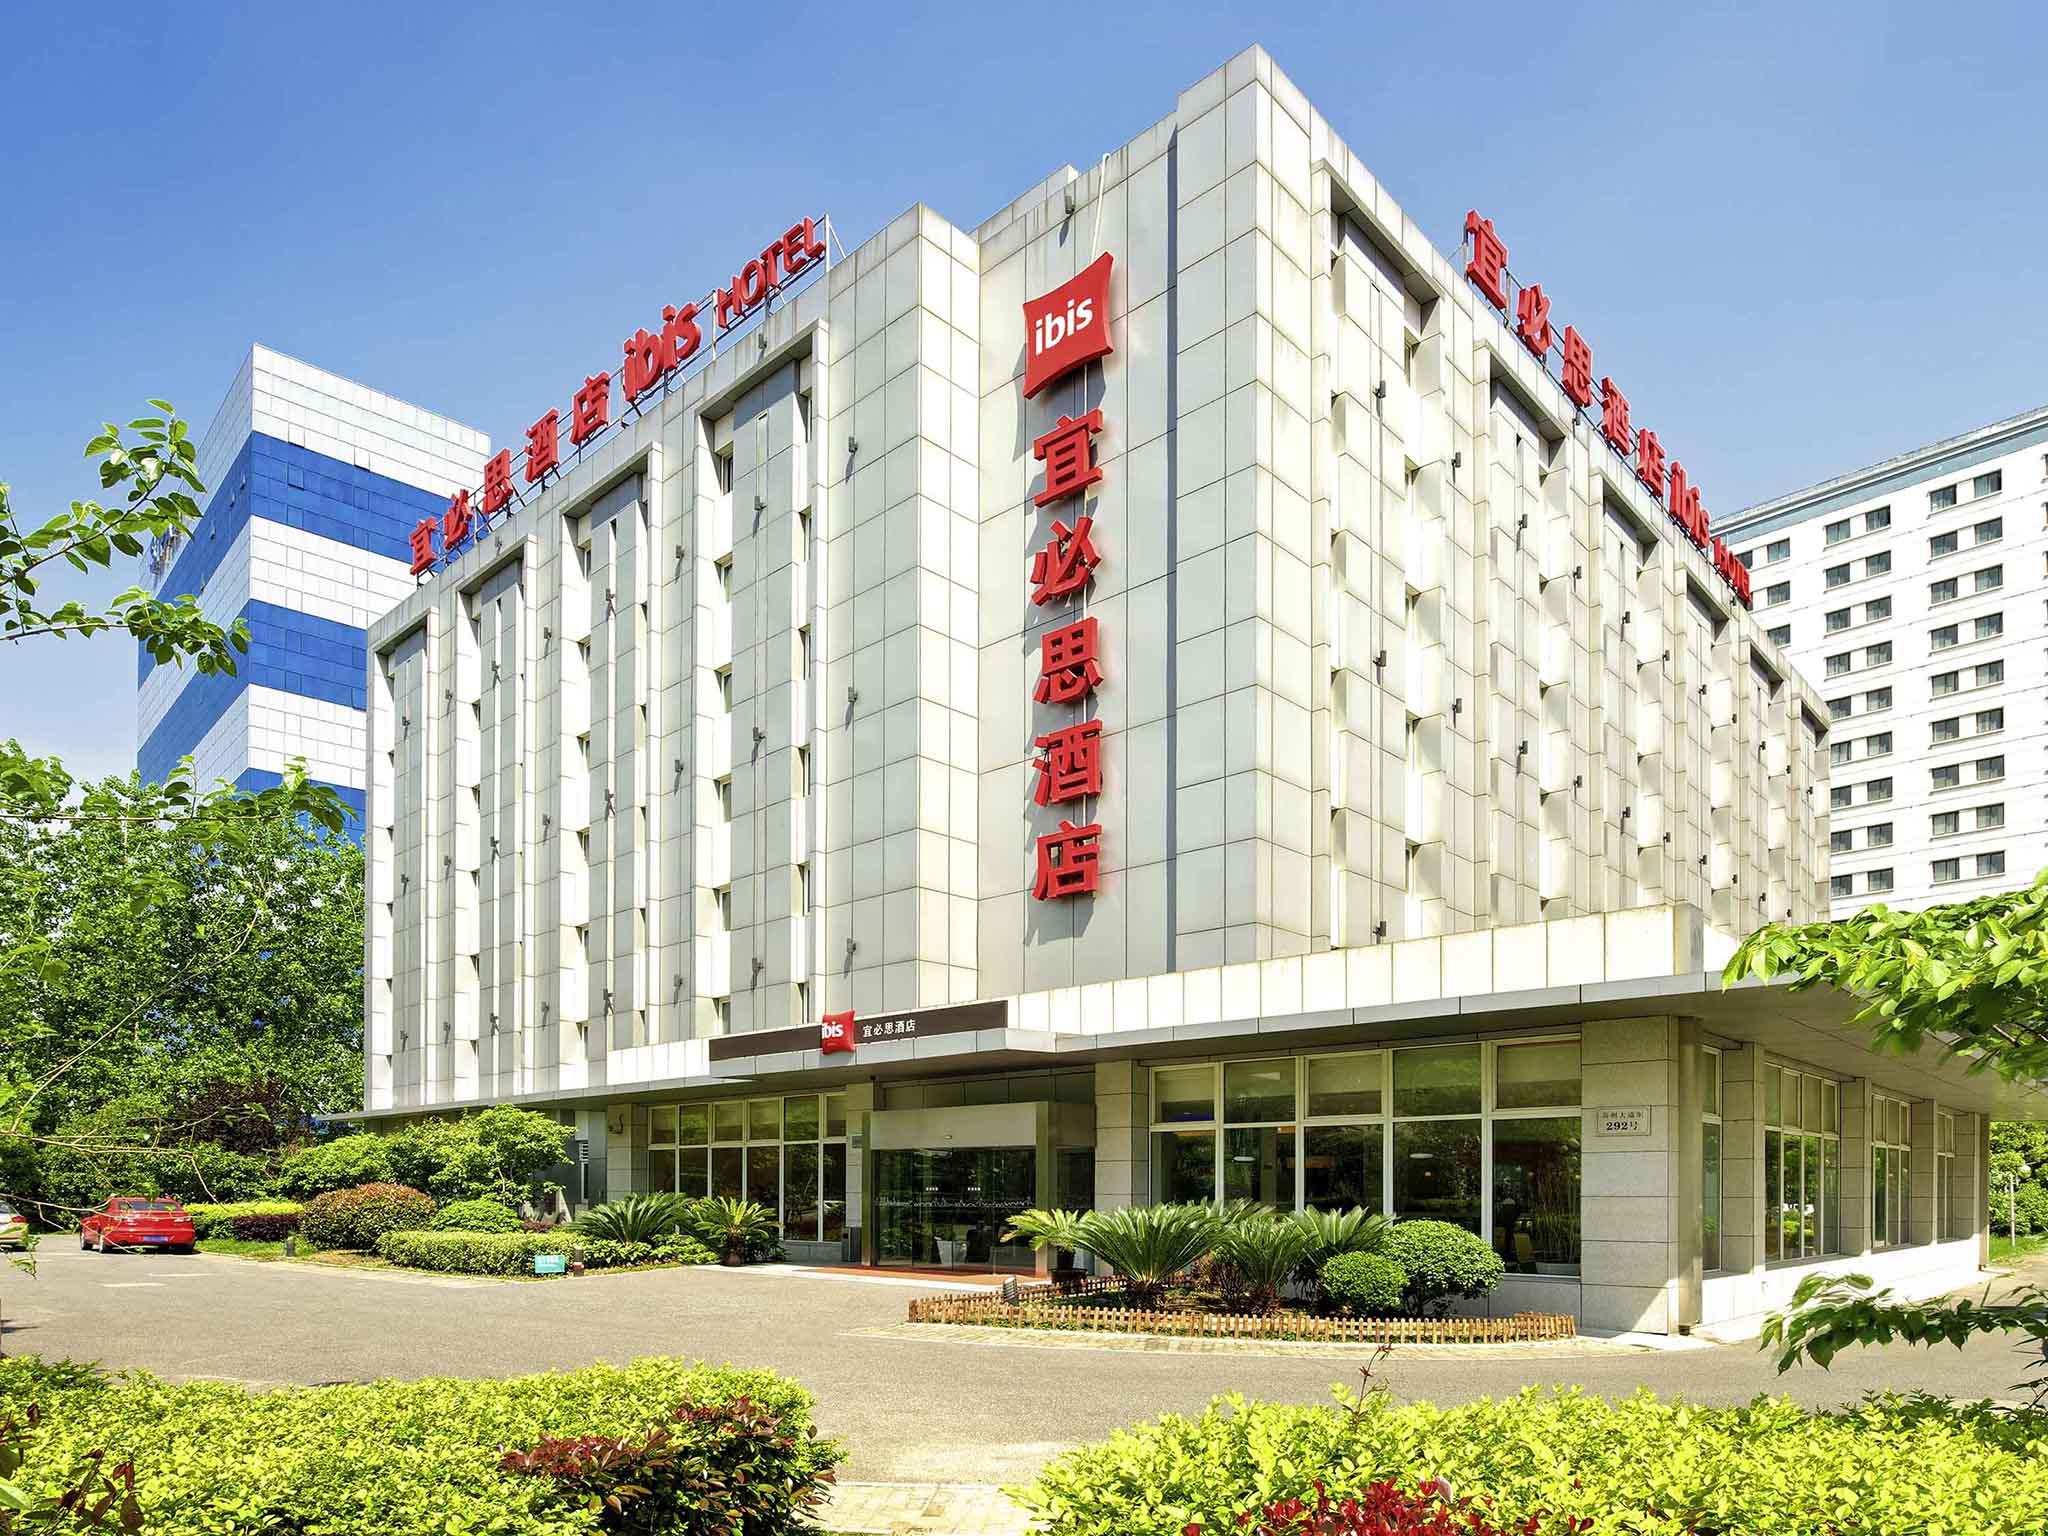 酒店 – 宜必思苏州园区国际博览中心店